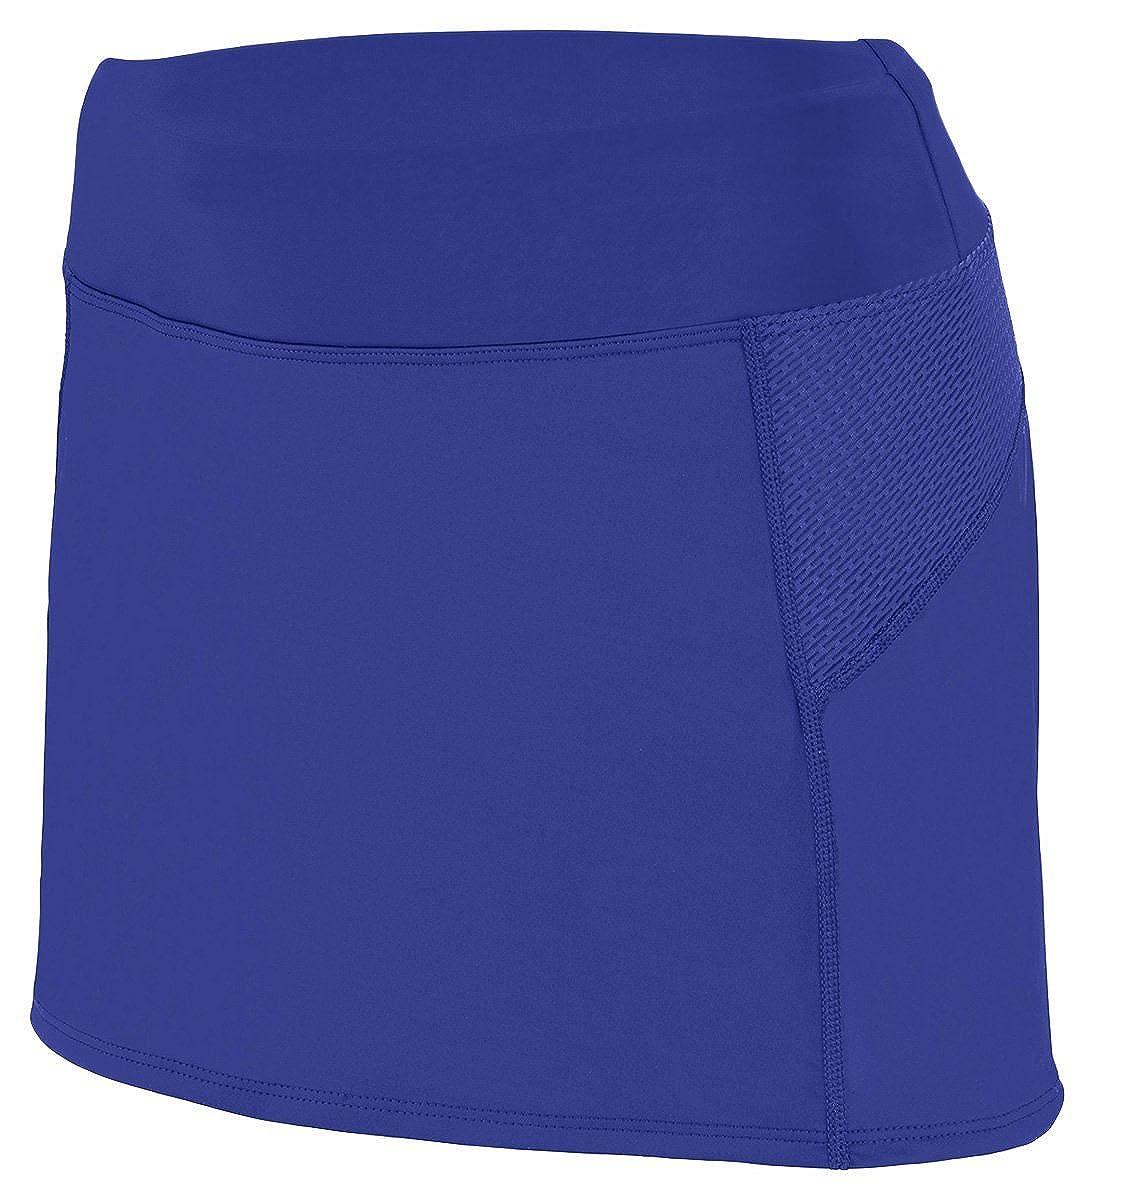 Augusta Sportswear Big Girl's Femfit Skort Red/Graphite 2421A M